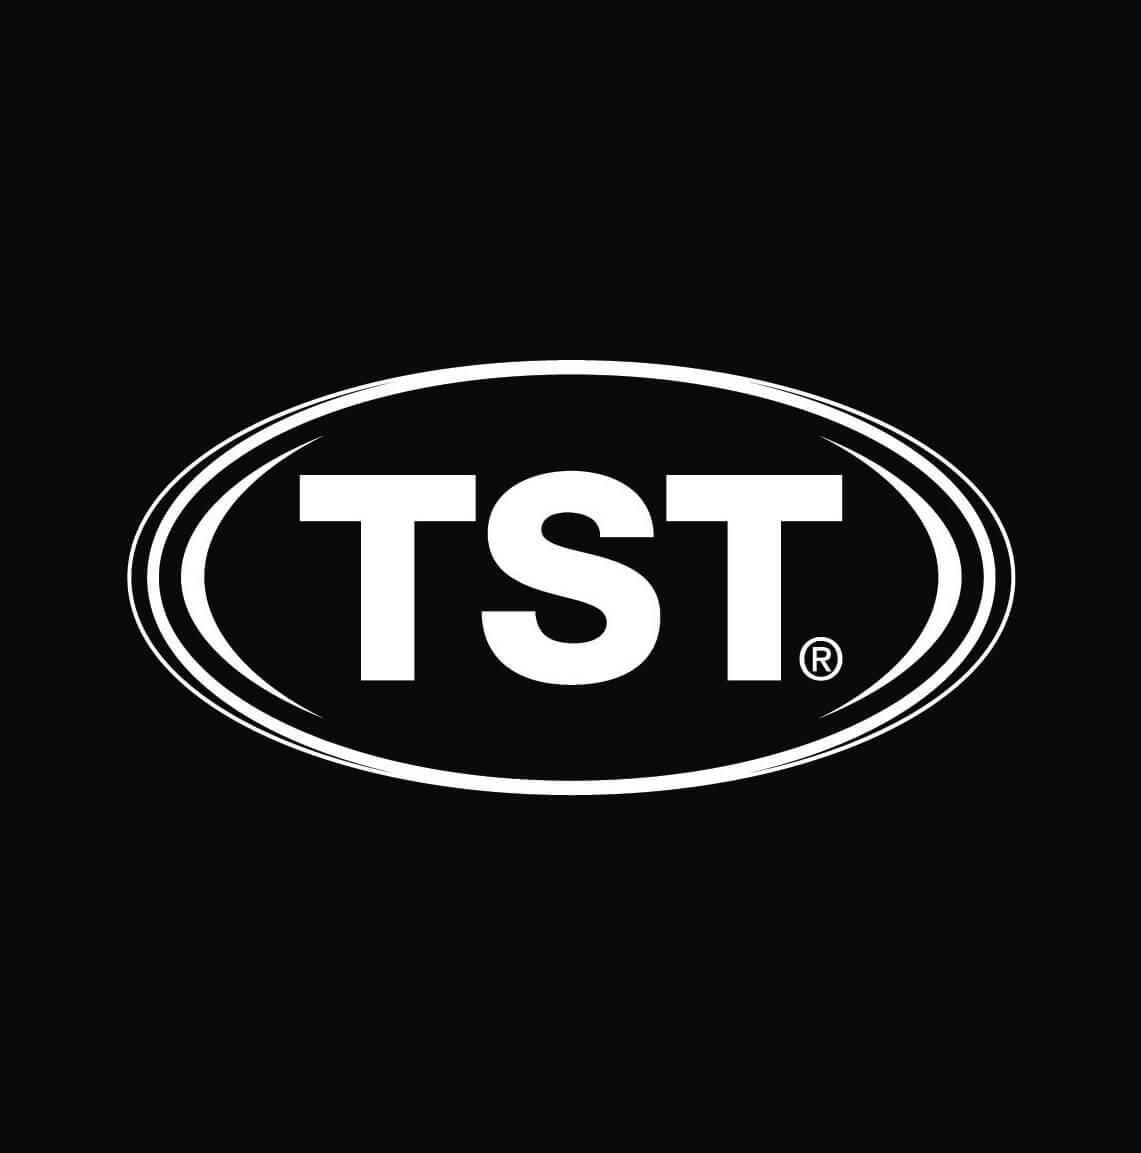 Campana TST Lacar 60 cm